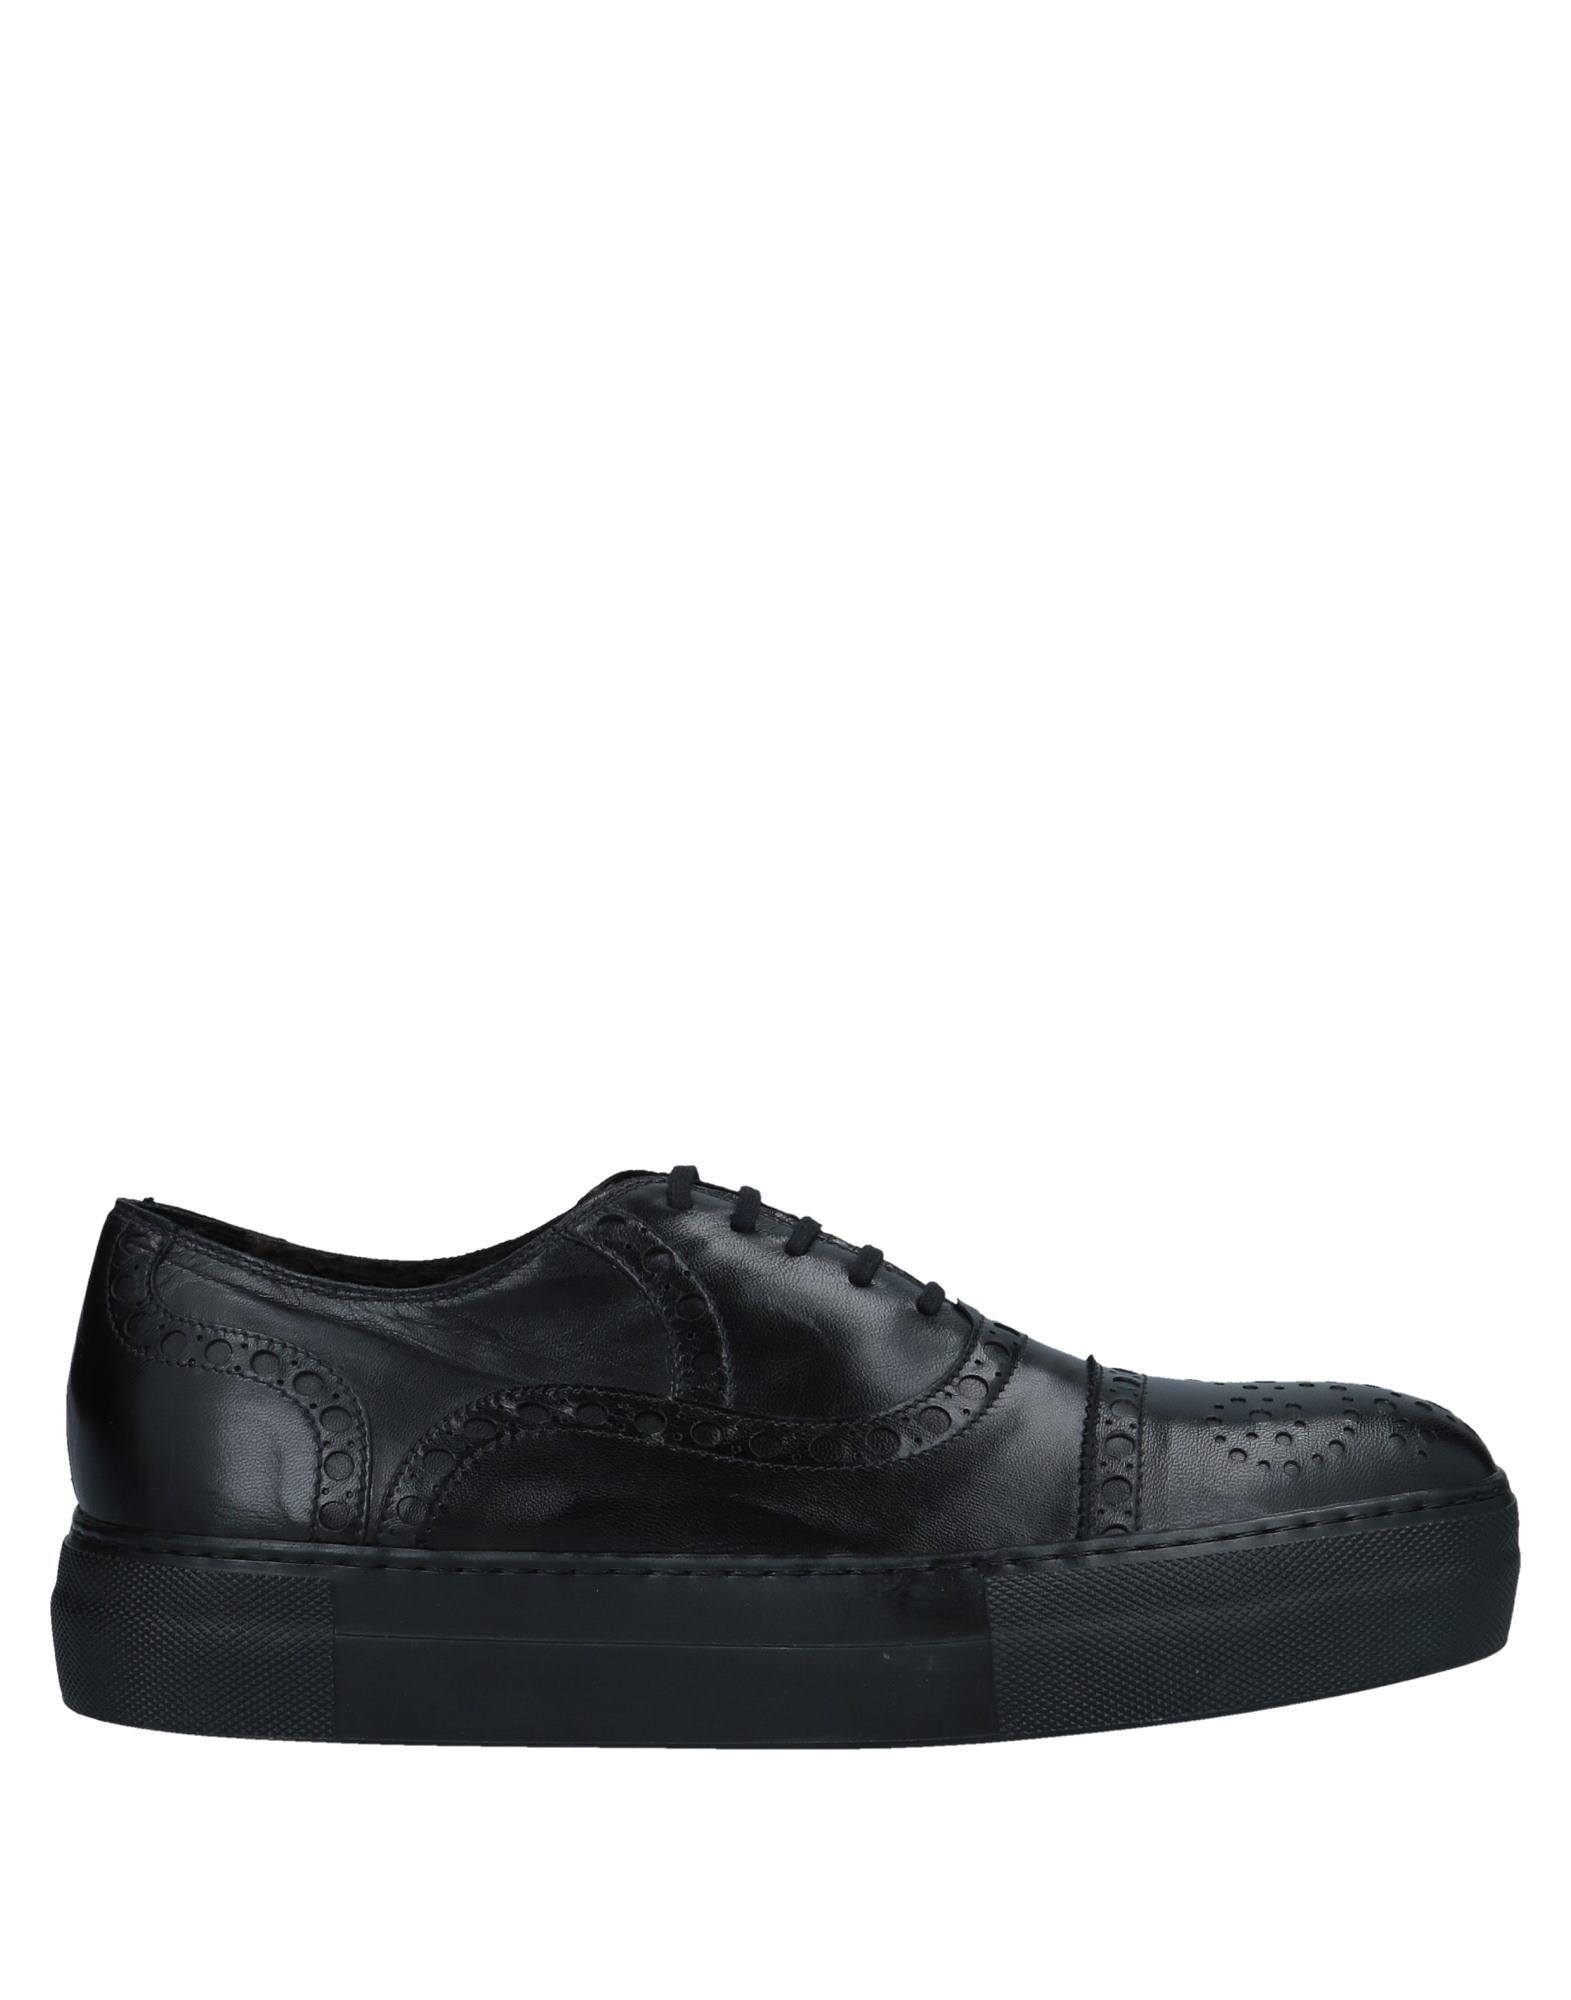 Rocco P. Schnürschuhe Damen  11554891RGGut aussehende strapazierfähige Schuhe